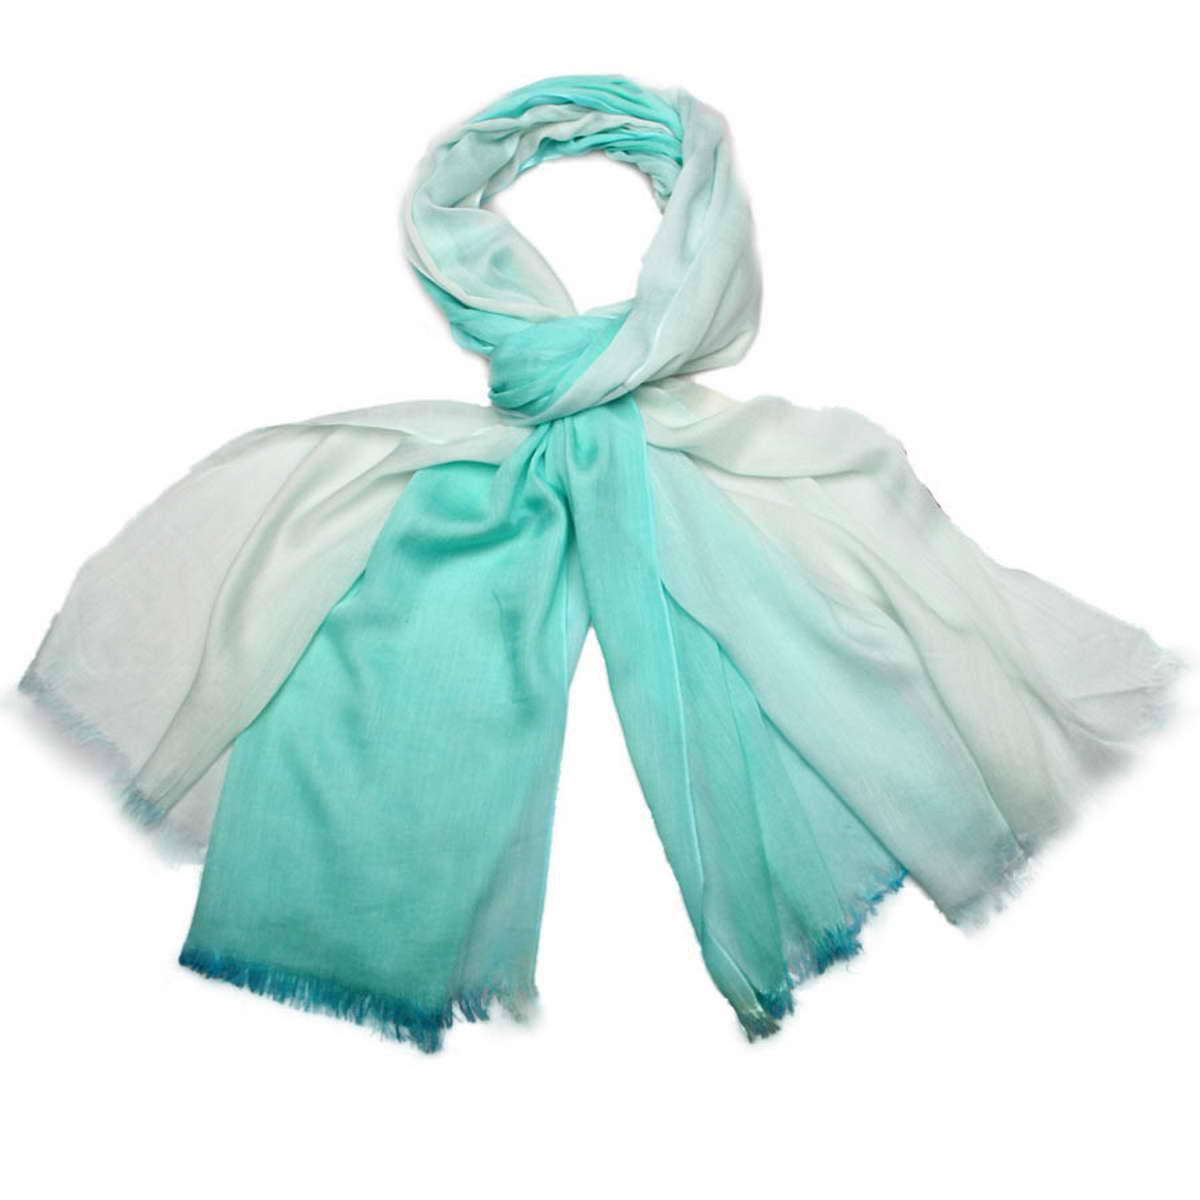 Палантин3415401-11Элегантный женский палантин Venera изготовлен из вискозы и шелка. Палантин имеет отличное качество и приятную текстуру материала, он подарит настоящий комфорт при носке, а большие размеры позволят согреться в прохладную погоду. Изделие оформлено двухцветной гаммой и небольшой бахромой по краям. Этот модный аксессуар женского гардероба гармонично дополнит образ современной женщины, следящей за своим имиджем и стремящейся всегда оставаться стильной и утонченной. В этом палантине вы всегда будете выглядеть женственной и привлекательной.